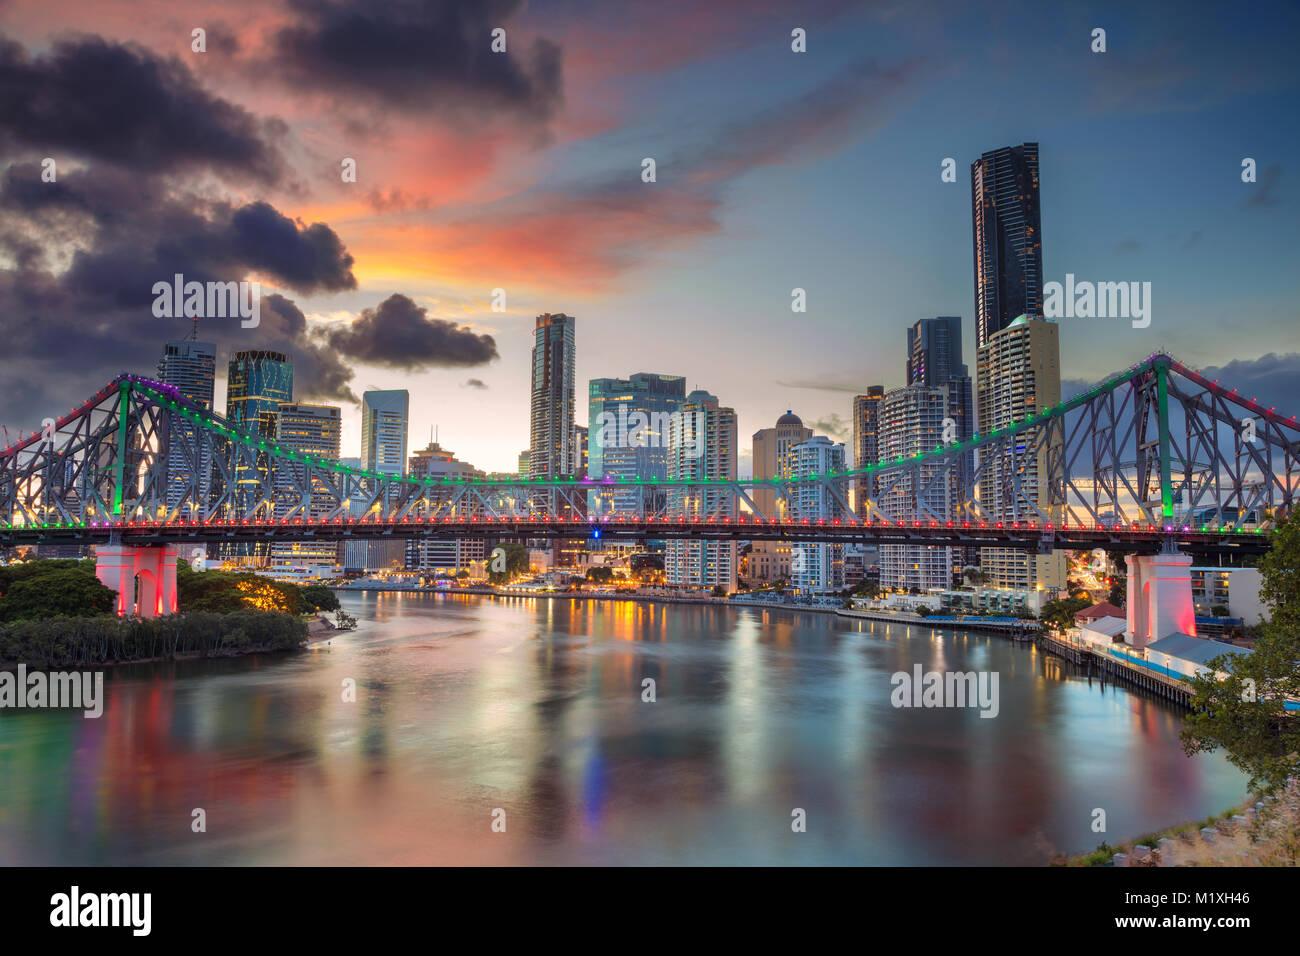 Brisbane. Cityscape image de Brisbane, Australie skyline avec Story Bridge pendant le coucher du soleil spectaculaire. Photo Stock